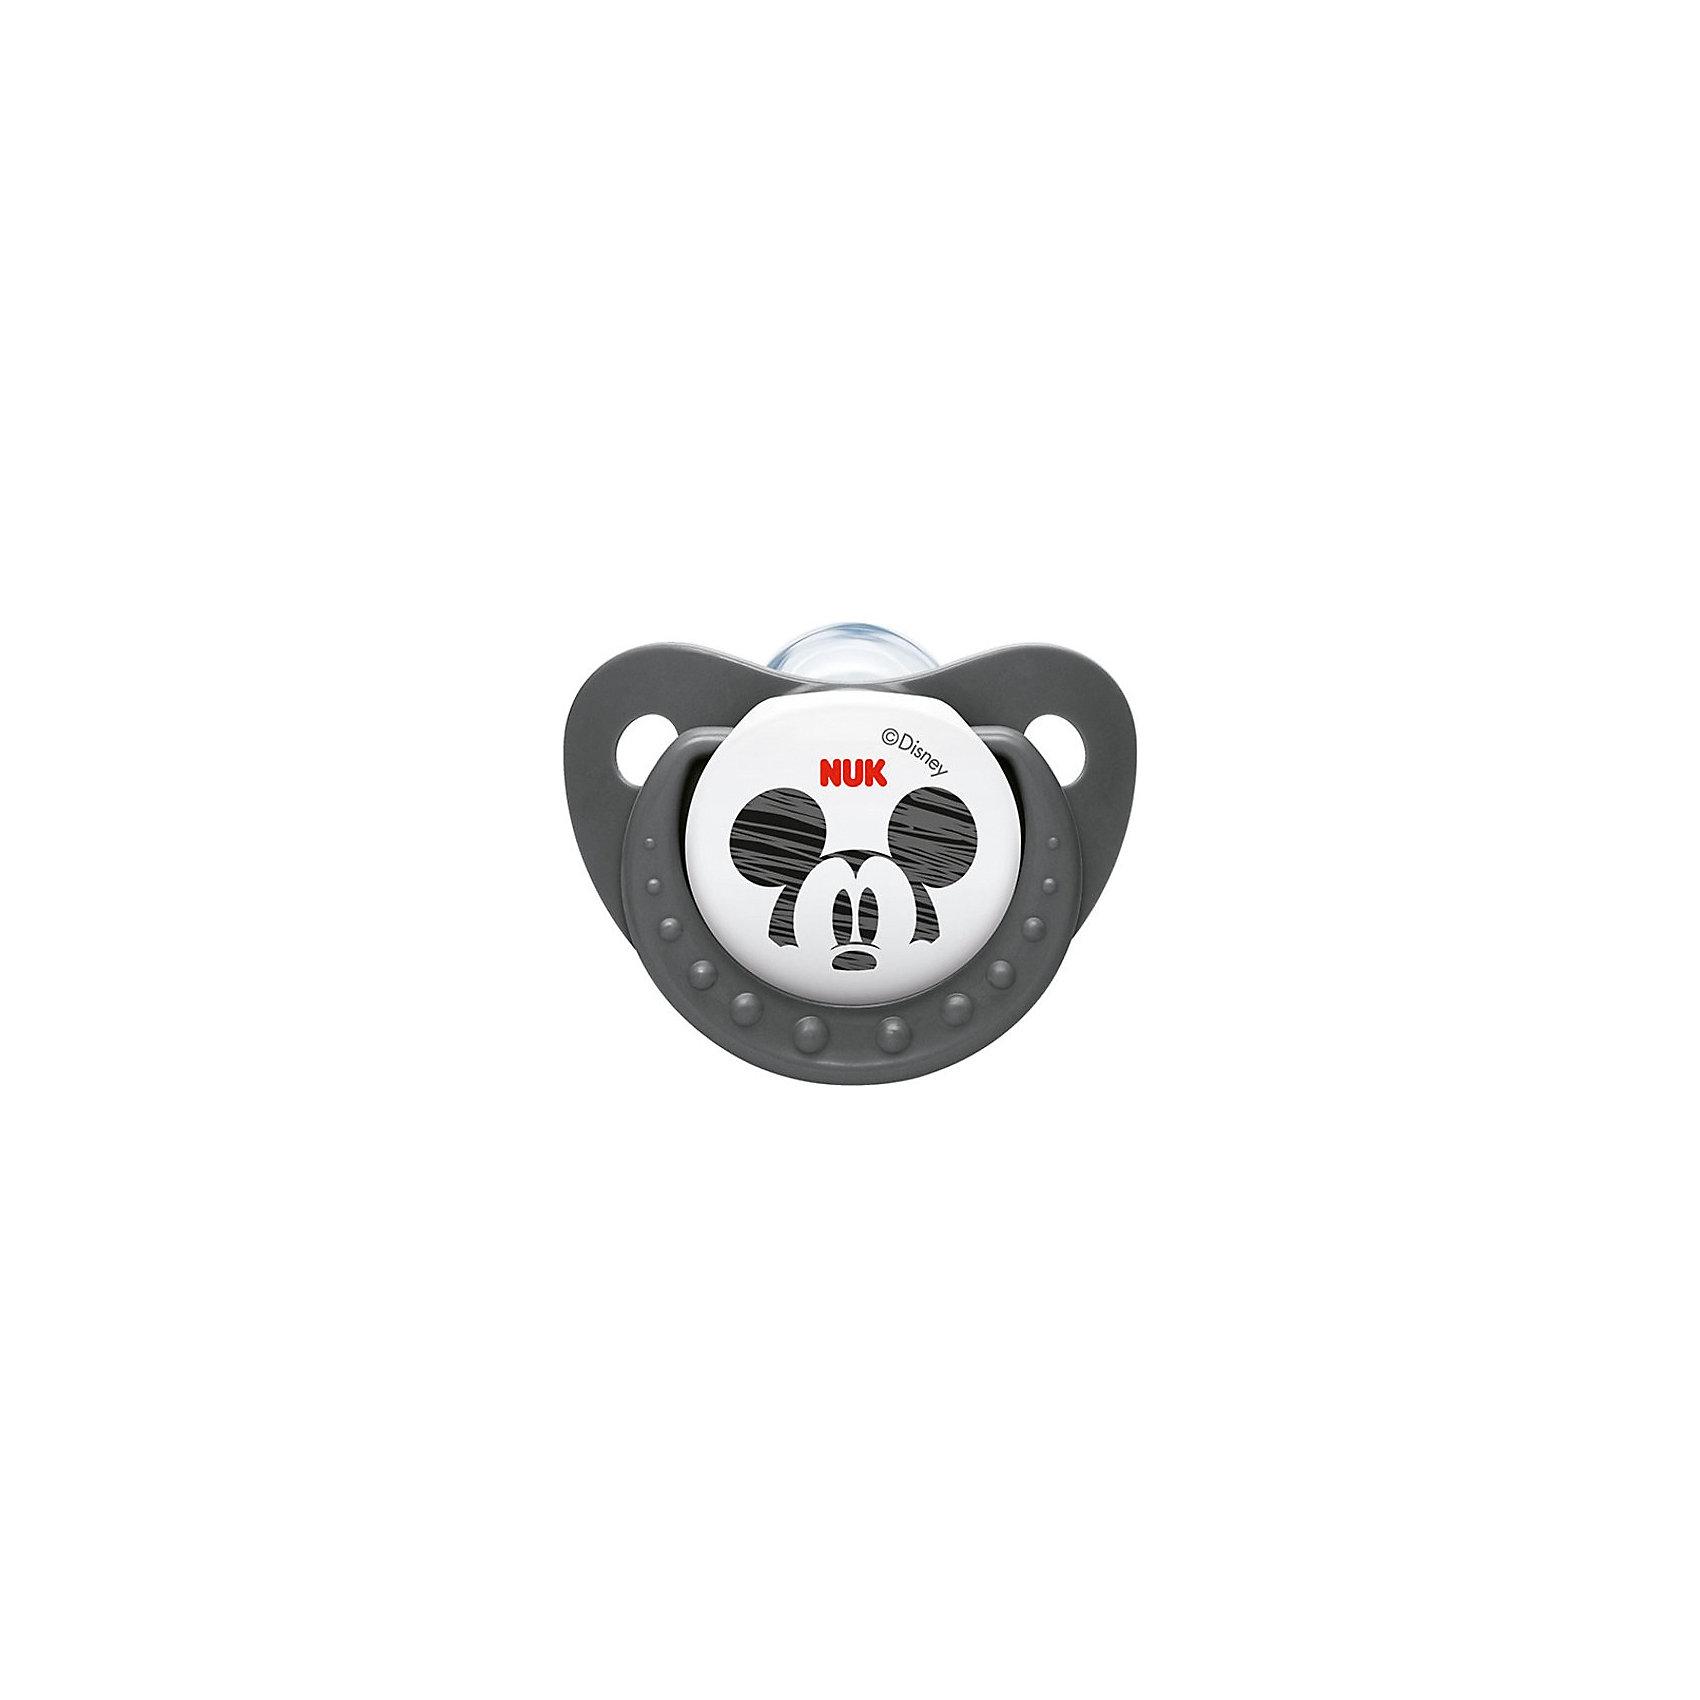 Пустышка силиконовая успокаивающая Disney Микки Маус, 0-6 мес., NUK, черный/белыйПустышки и аксессуары<br>Пустышка силиконовая усп. ДИСНЕЙ МИККИ  р-р 1 от известного производителя высококачественных товаров для новорожденных NUK (Нук). Эта успокаивающая пустышка с интересным дизайном и знаменитым Микки Маусом придет по вкусу как малышу, так и маме. Пустышка выполнена из силикона, полностью прозрачна и не имеет собственного вкуса или запаха. Форма соски протестирована и одобрена ортодонтами и подстраивается под ротик малыша, оставляя место для движения языка и не деформируя формирование прикуса малыша. Специально разработанная схема строения соски не пропускает воздух во время сосания, предотвращая появление коликов. Превосходное качество и безопасность для вашего малыша.<br><br>Дополнительная информация:<br>- Материал: силикон, пластик<br>- Размер соски: 1<br>- Система NUK AIR <br><br>Пустышку силиконовую усп. ДИСНЕЙ МИККИ  р-р 1, NUK (Нук) можно купить в нашем интернет-магазине.<br>Подробнее:<br>• Для детей в возрасте: от 0 до 6 месяцев<br>• Номер товара: 4998438<br>Страна производитель: Германия<br><br>Ширина мм: 9<br>Глубина мм: 9<br>Высота мм: 173<br>Вес г: 26<br>Возраст от месяцев: 0<br>Возраст до месяцев: 6<br>Пол: Унисекс<br>Возраст: Детский<br>SKU: 4998438